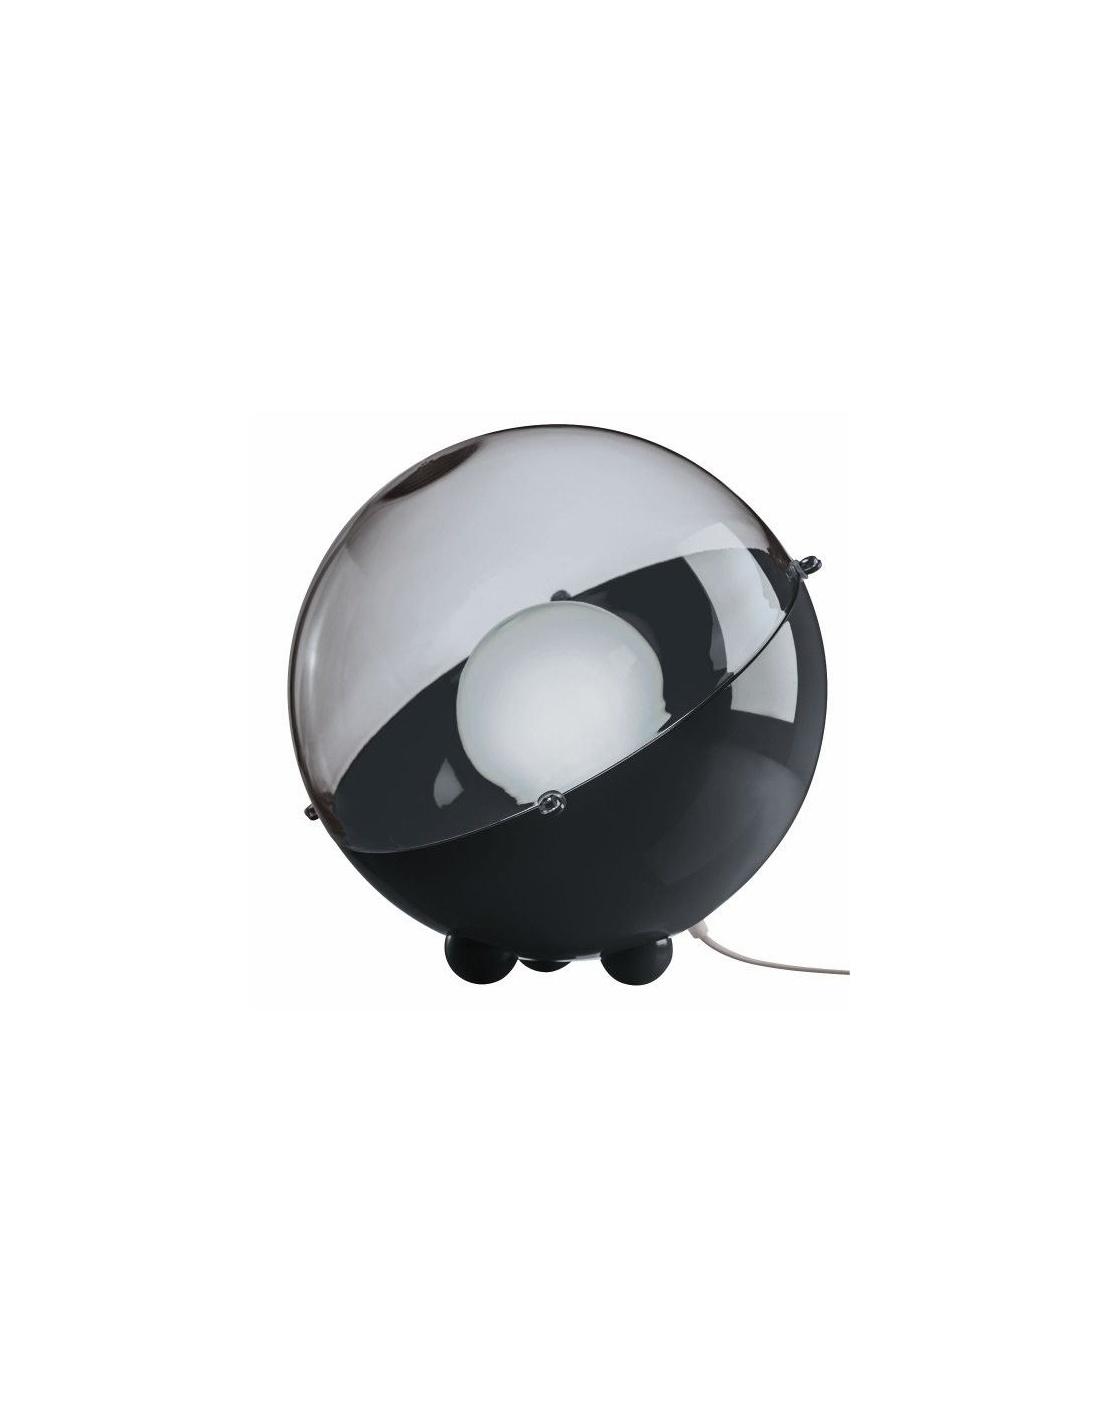 Lampada da tavolo orion di koziol casa e stile arredamenti for Orion arredamenti